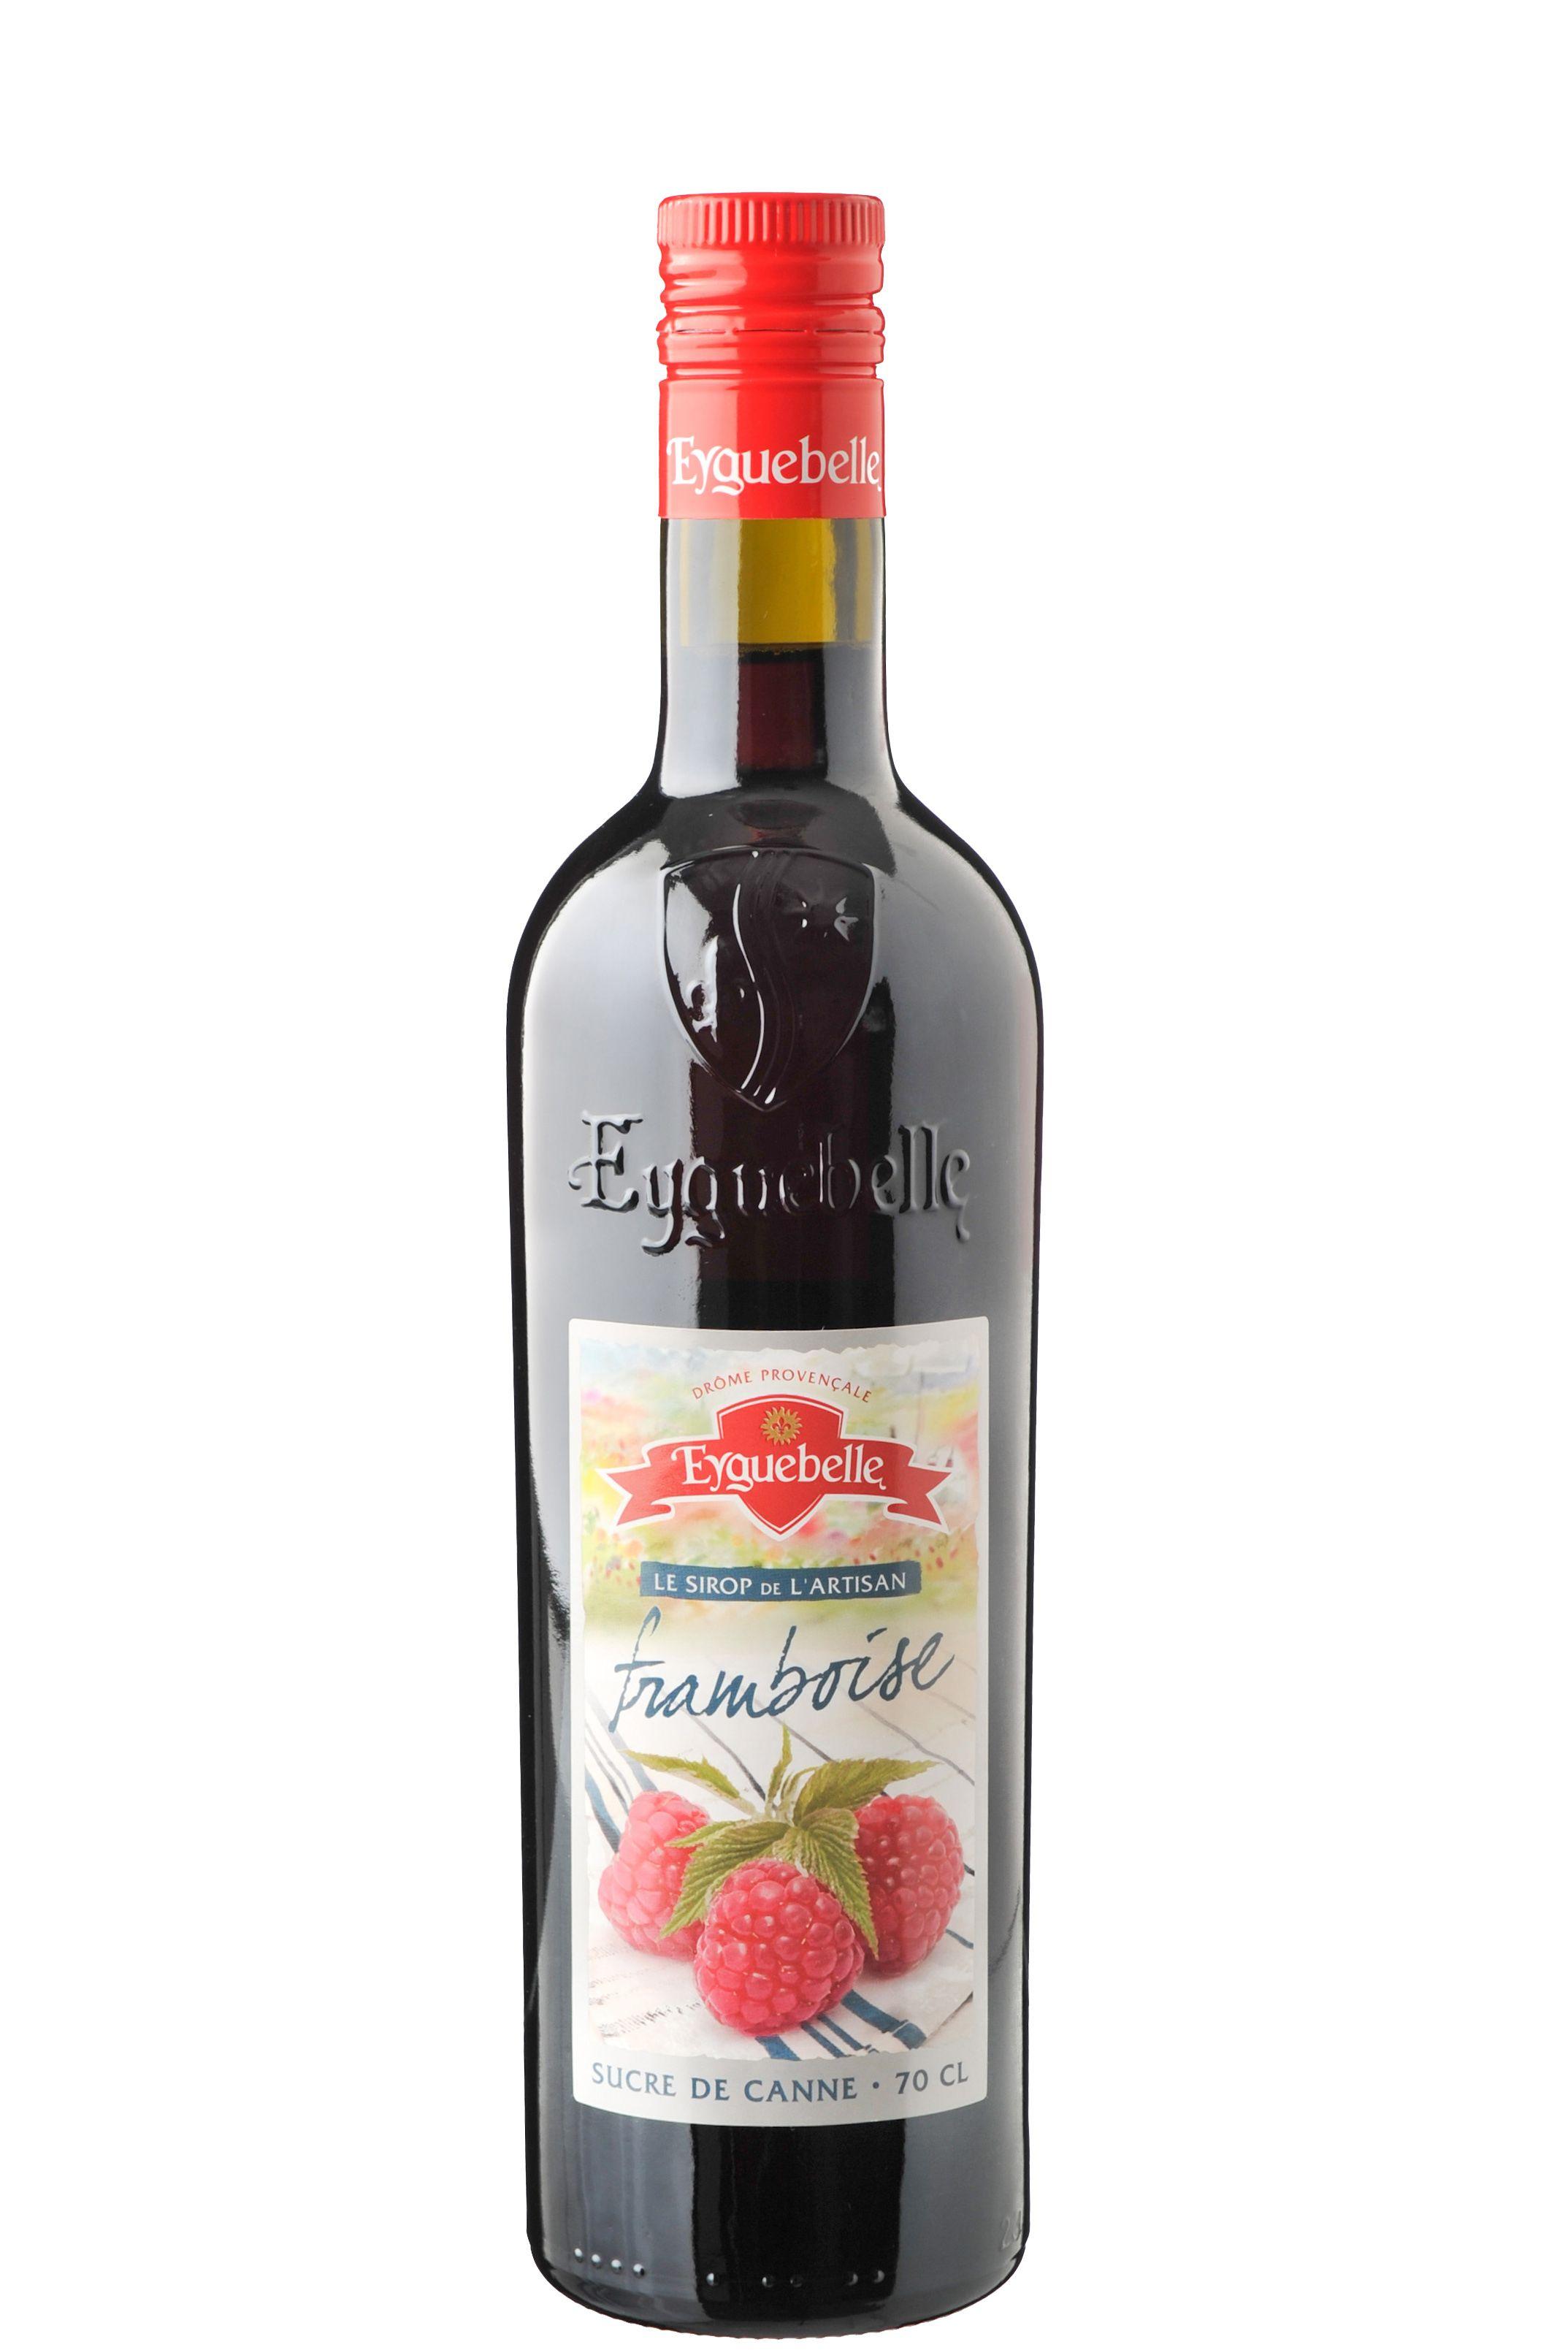 Frambozen siroop (Framboise) à 70 cl van Eyguebelle. Ga je op vakantie in de Drôme dan herken je deze flessen siroop vast. Ze zijn een begrip in Frankrijk en omstreken.  Deze frambozen siroop is een heerlijk verfrissende siroop. Frambozen zijn de perfecte smaakmaker voor desserts. De mooie rood-rosé kleur geeft een extraatje aan je dessert of drank.